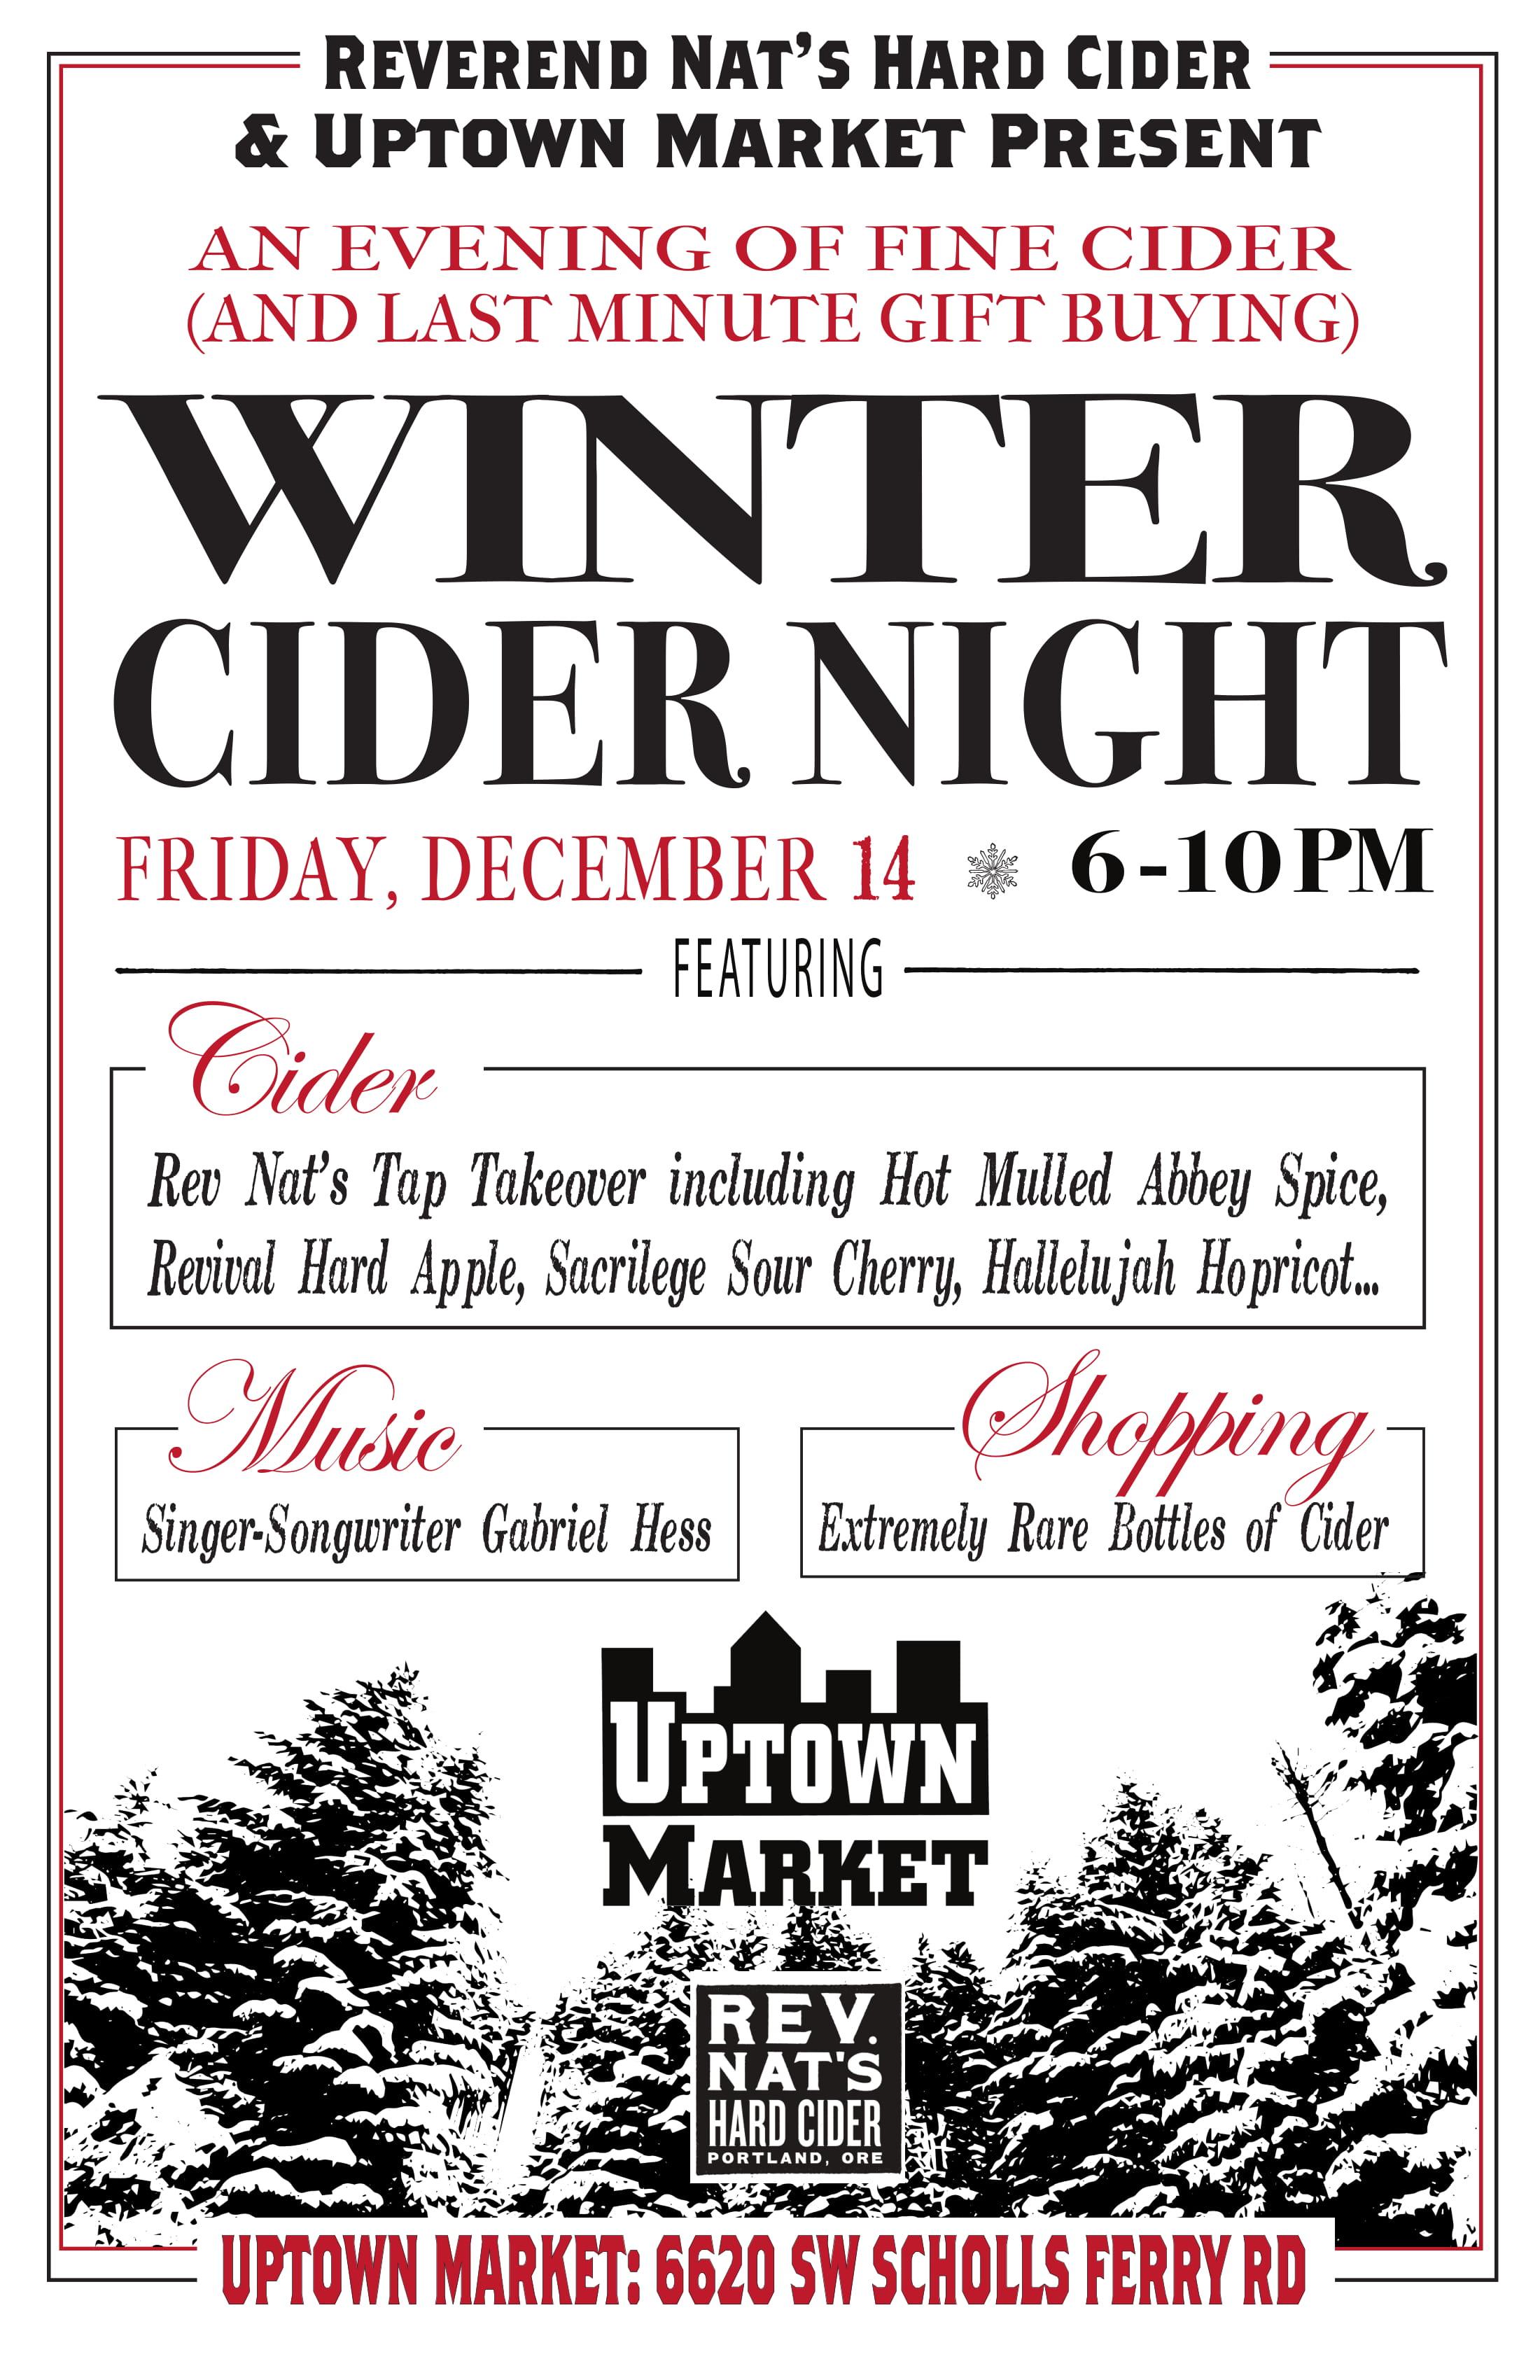 Rare bottle sale, Live music, and mulled Cider!  A winter cider celebration!